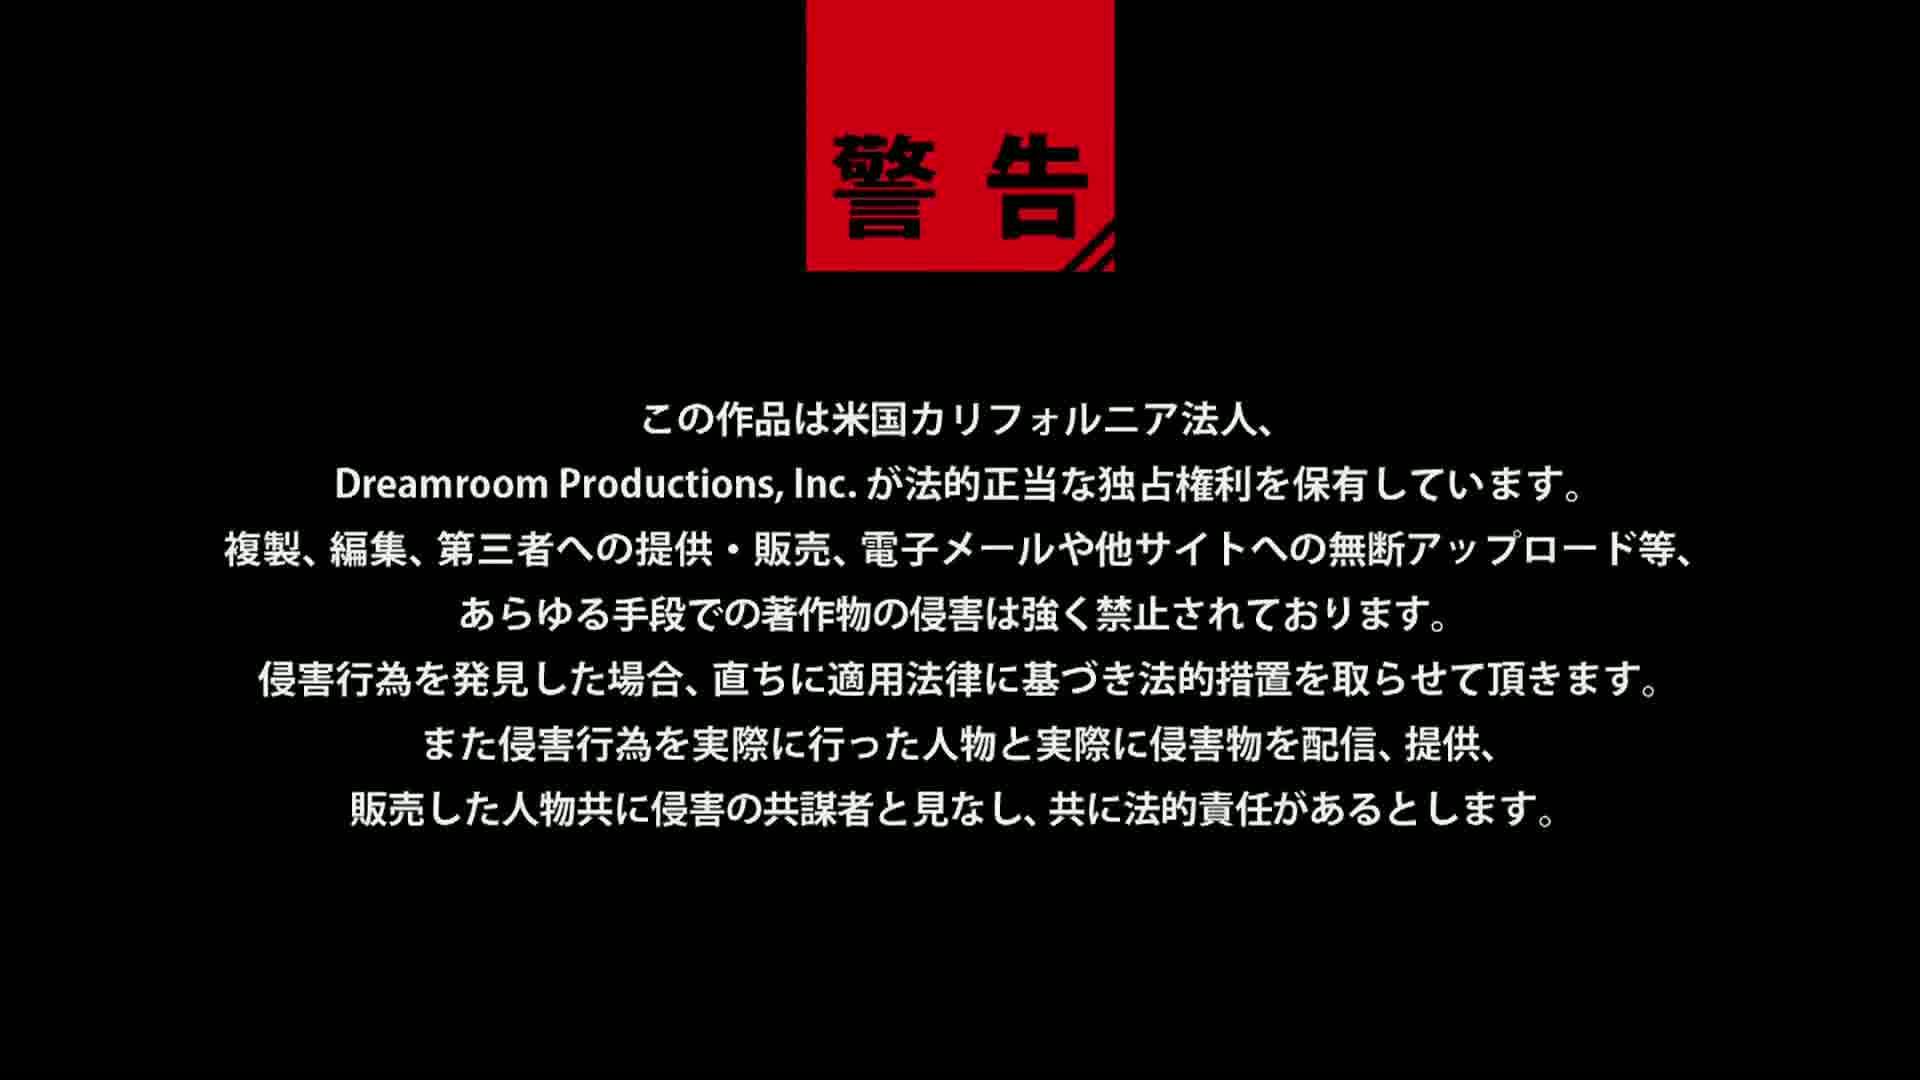 ドMっ娘・陽菜のカフェバイト奮闘記~お漏らしのお詫びに~ - 植田陽菜【フェラ 正常位 騎乗位 中出し】